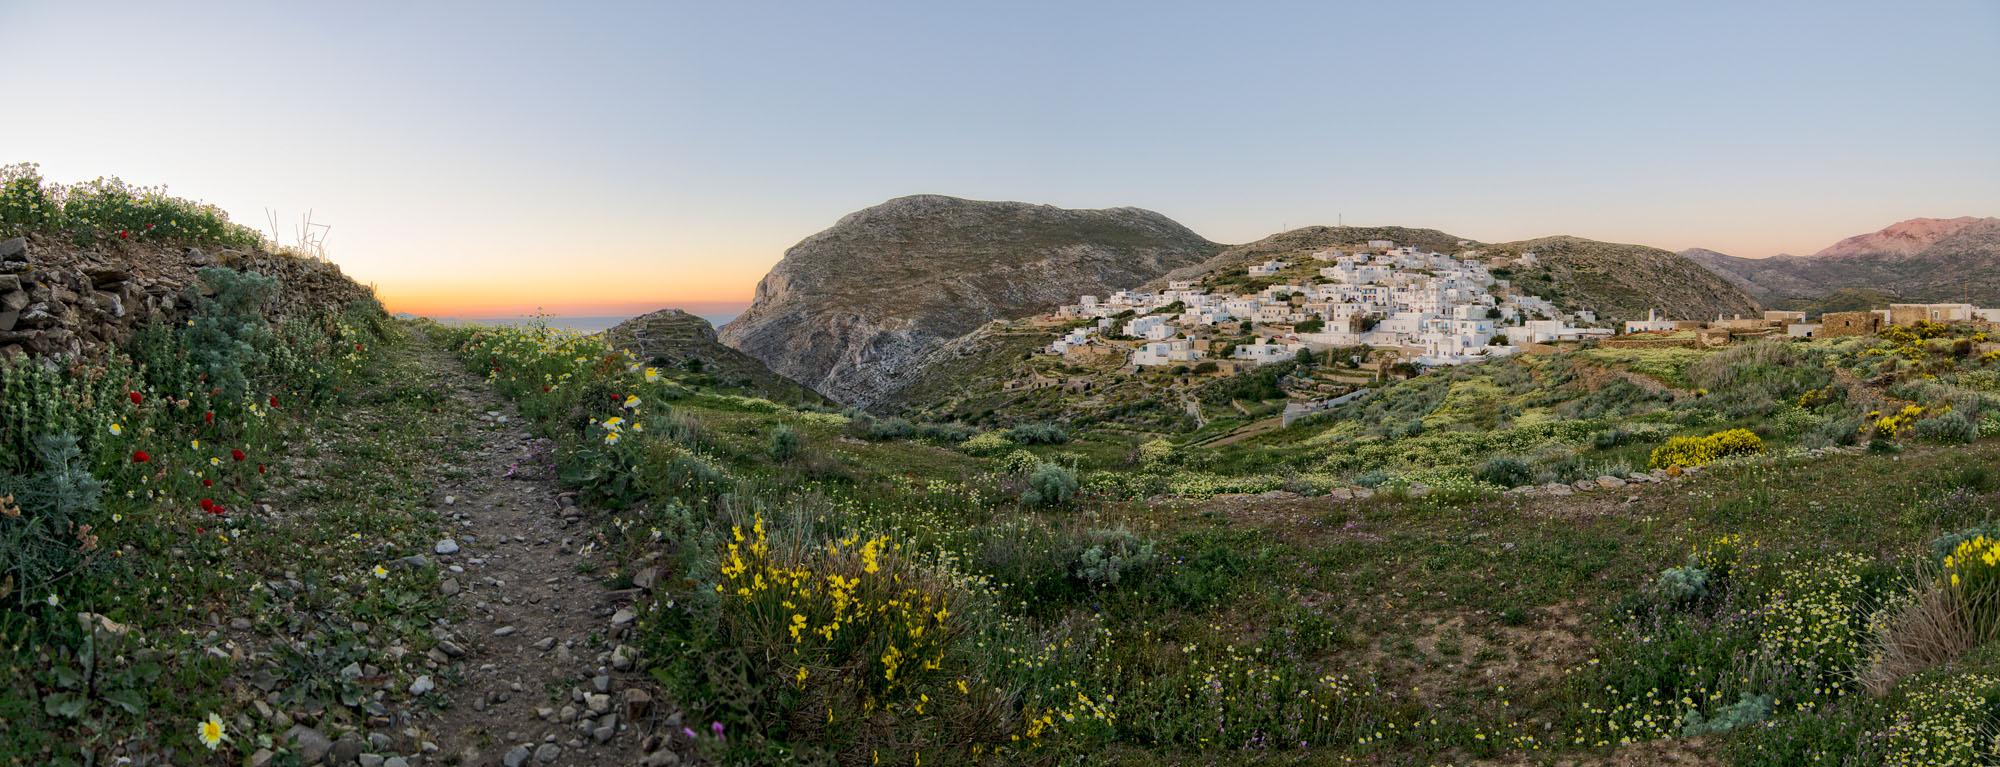 The Village of Tholaria